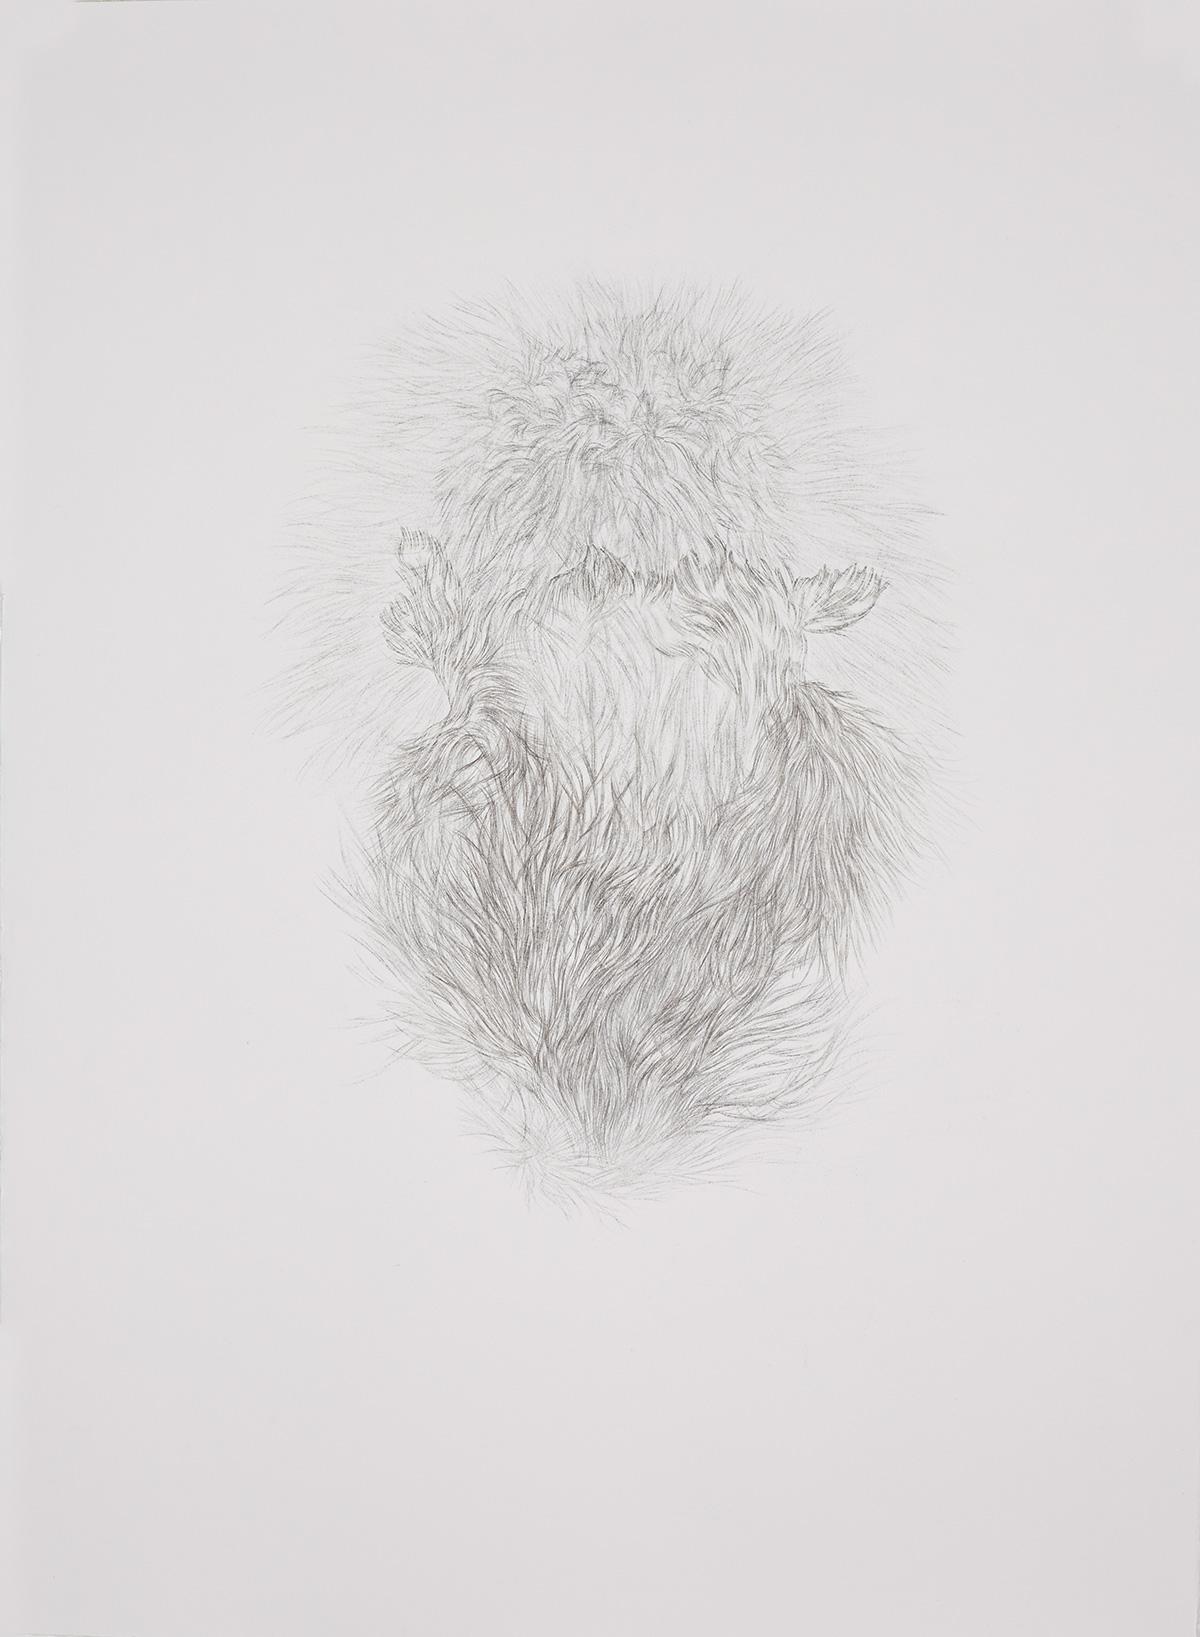 <i>Derrière les secrets (flair)</i>, 2016, graphite, 80x60cm